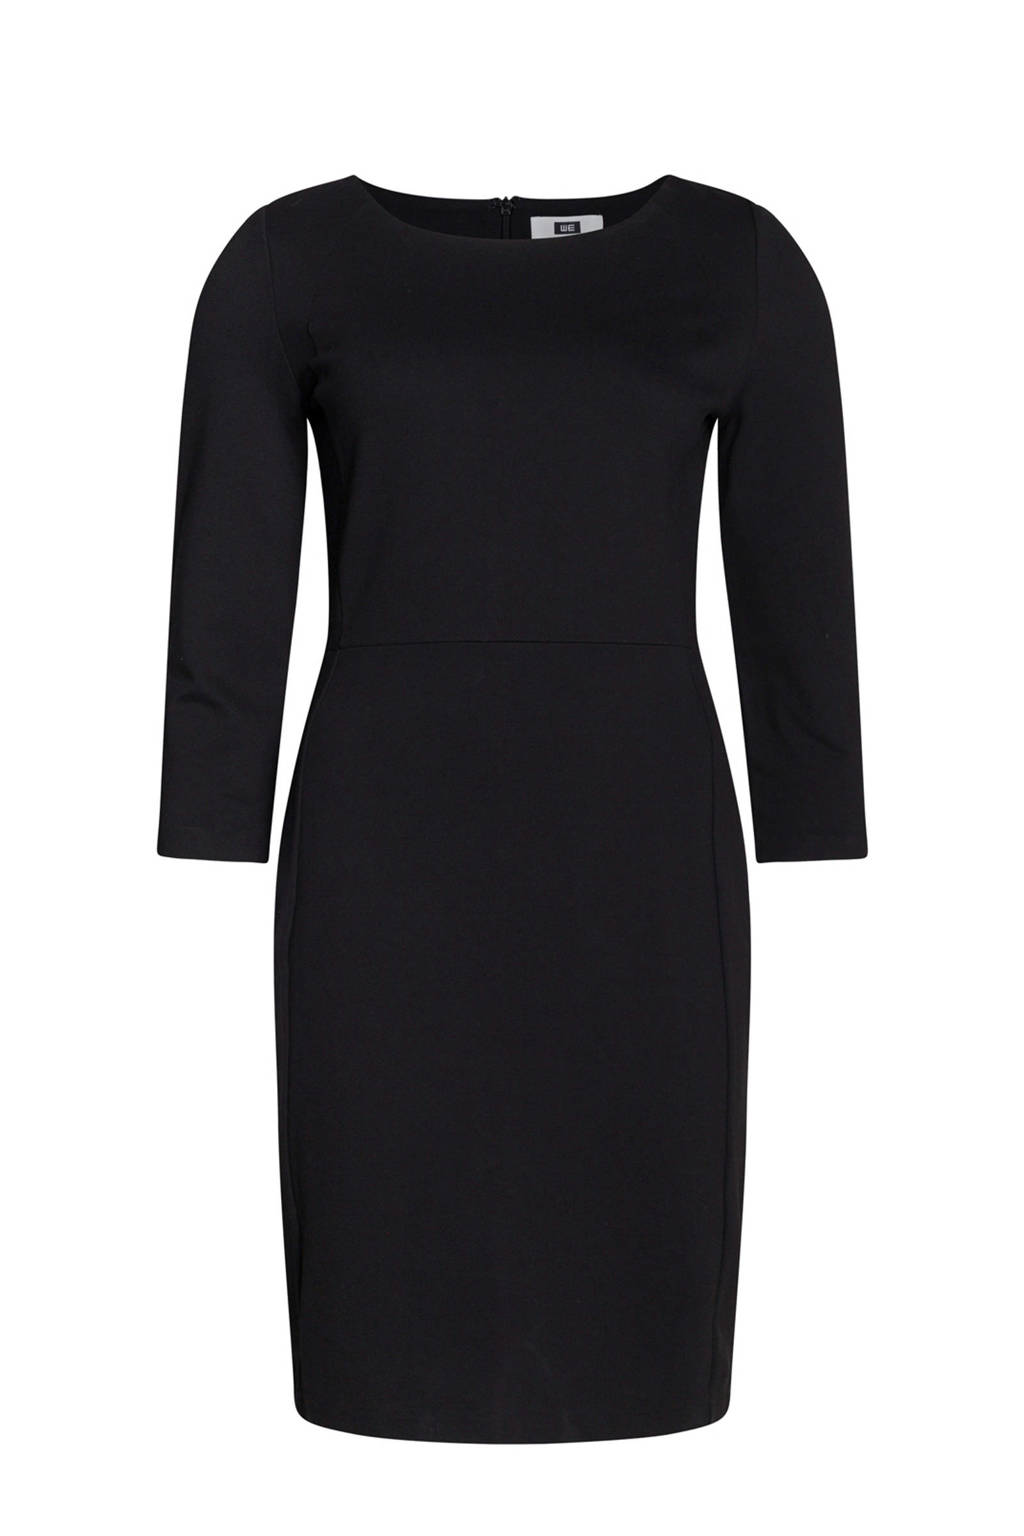 WE Fashion slim fit jurk, Zwart